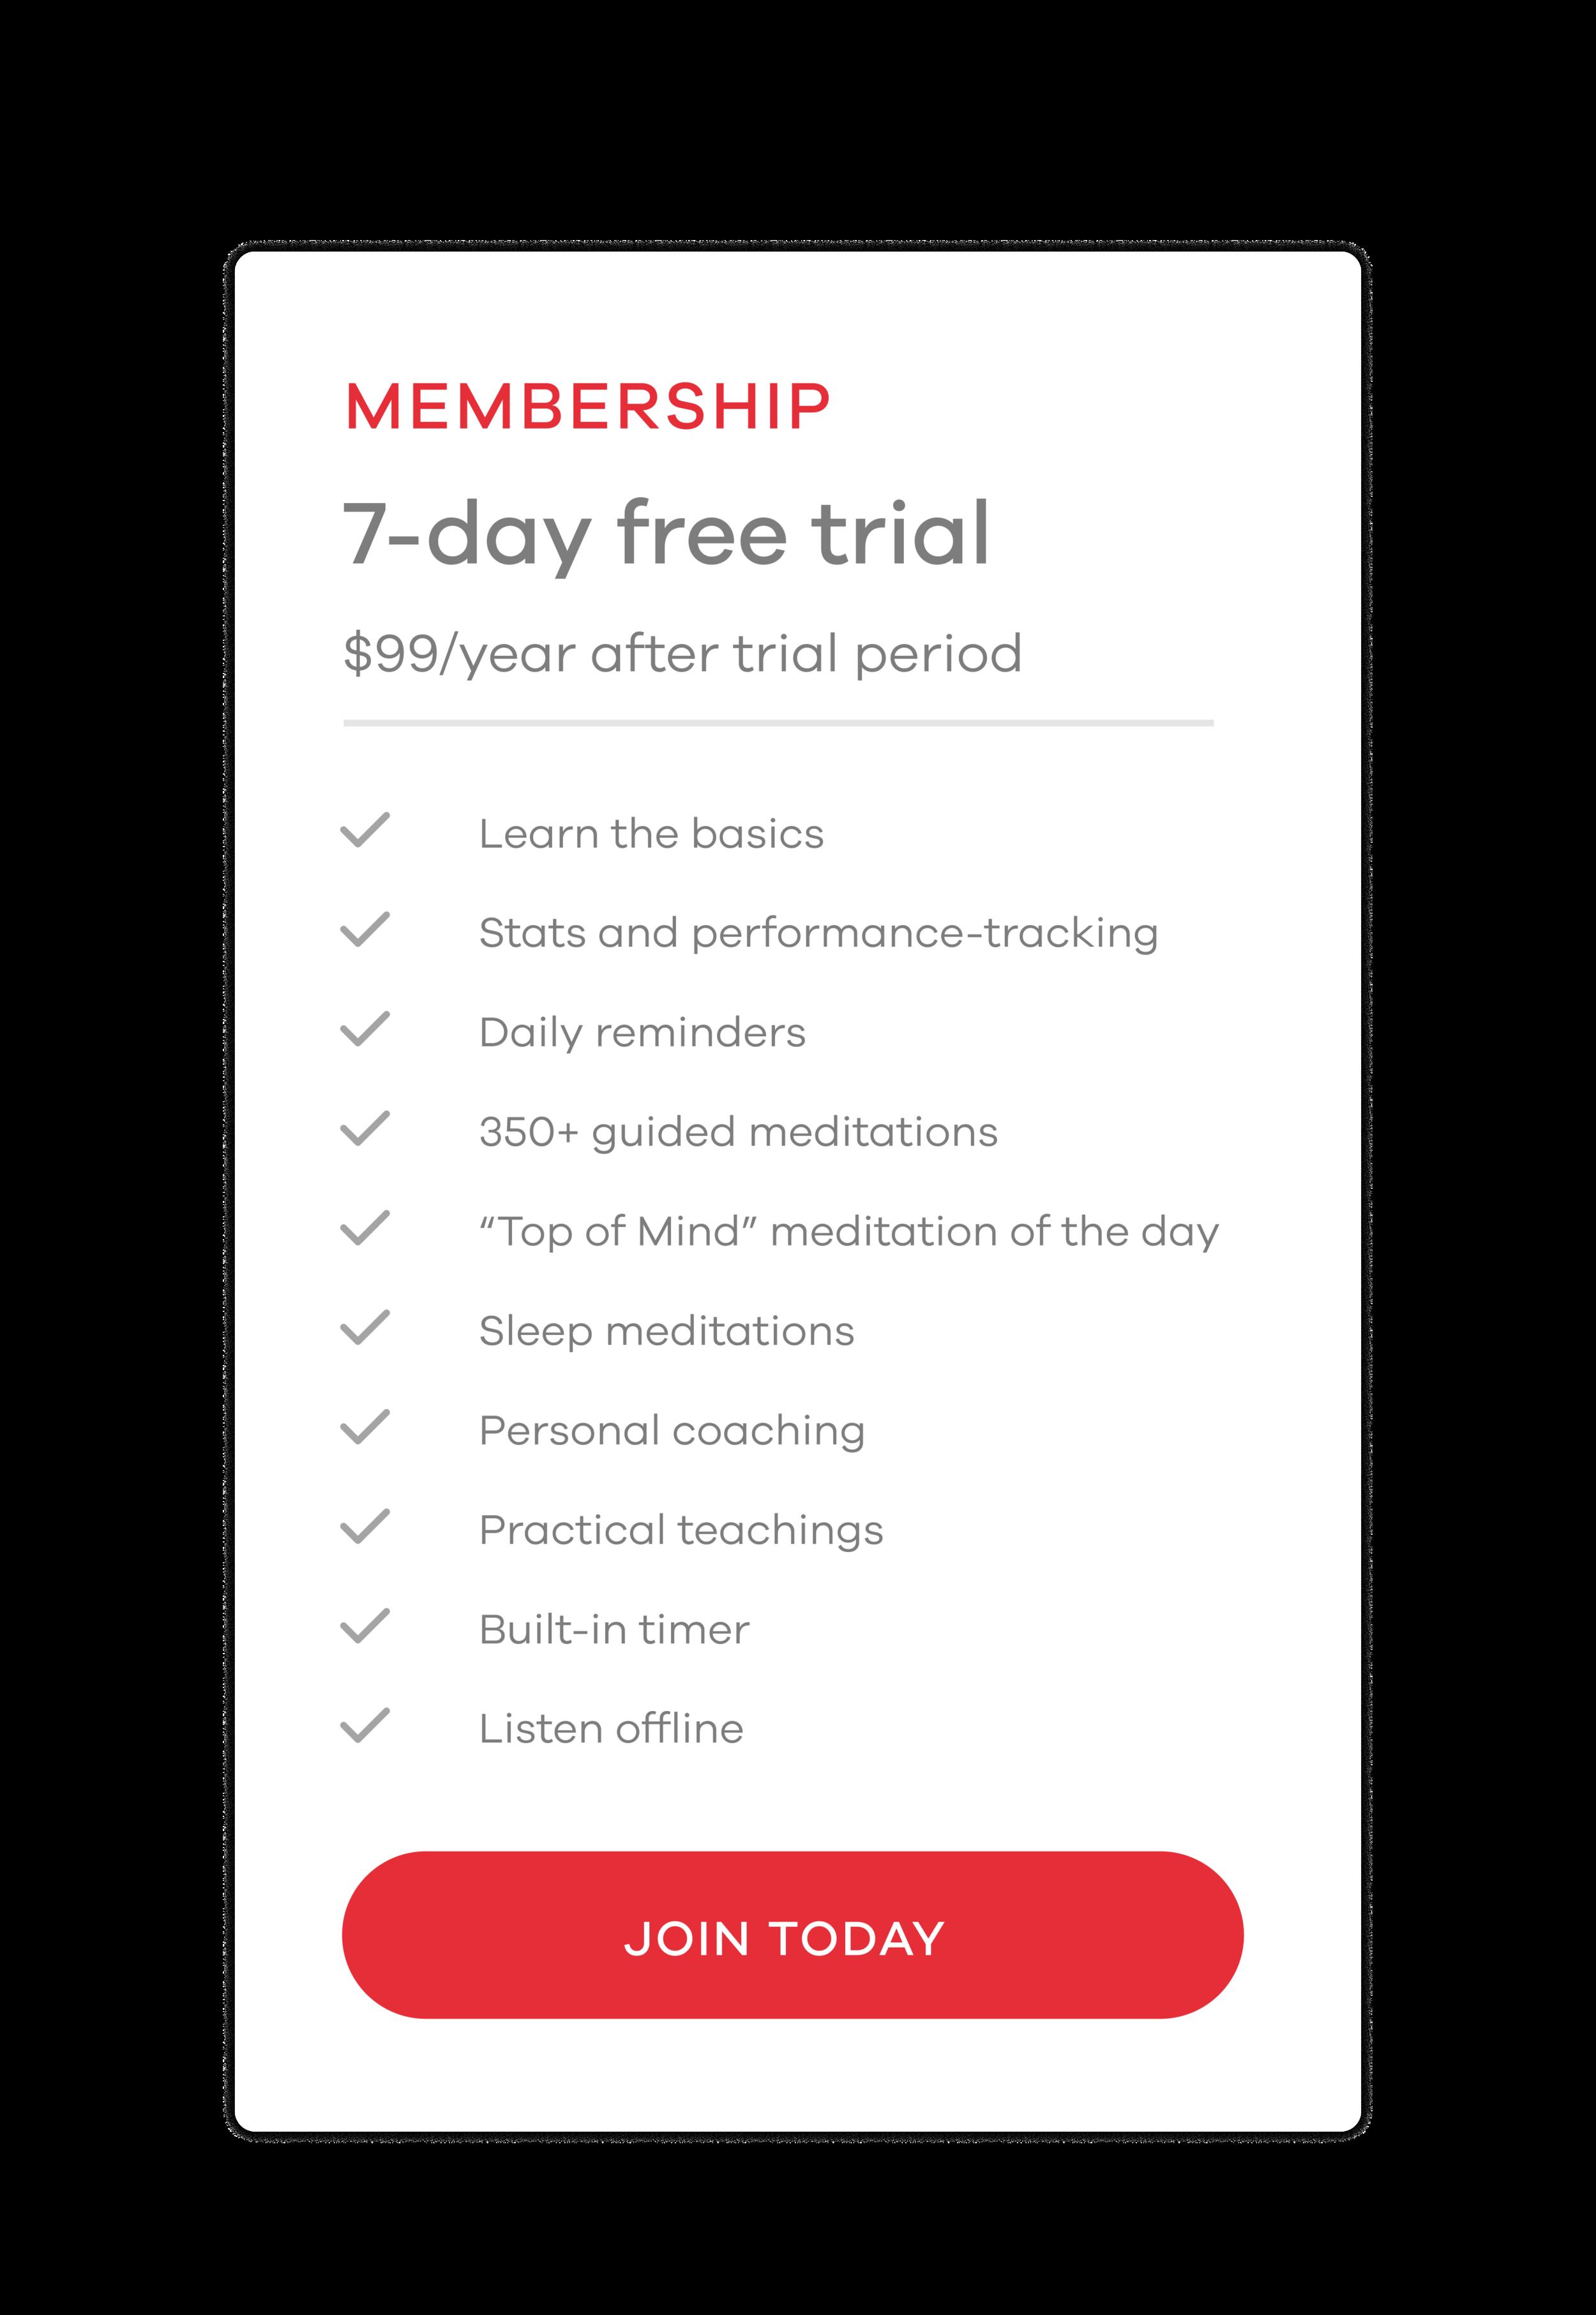 Membershipv2.png